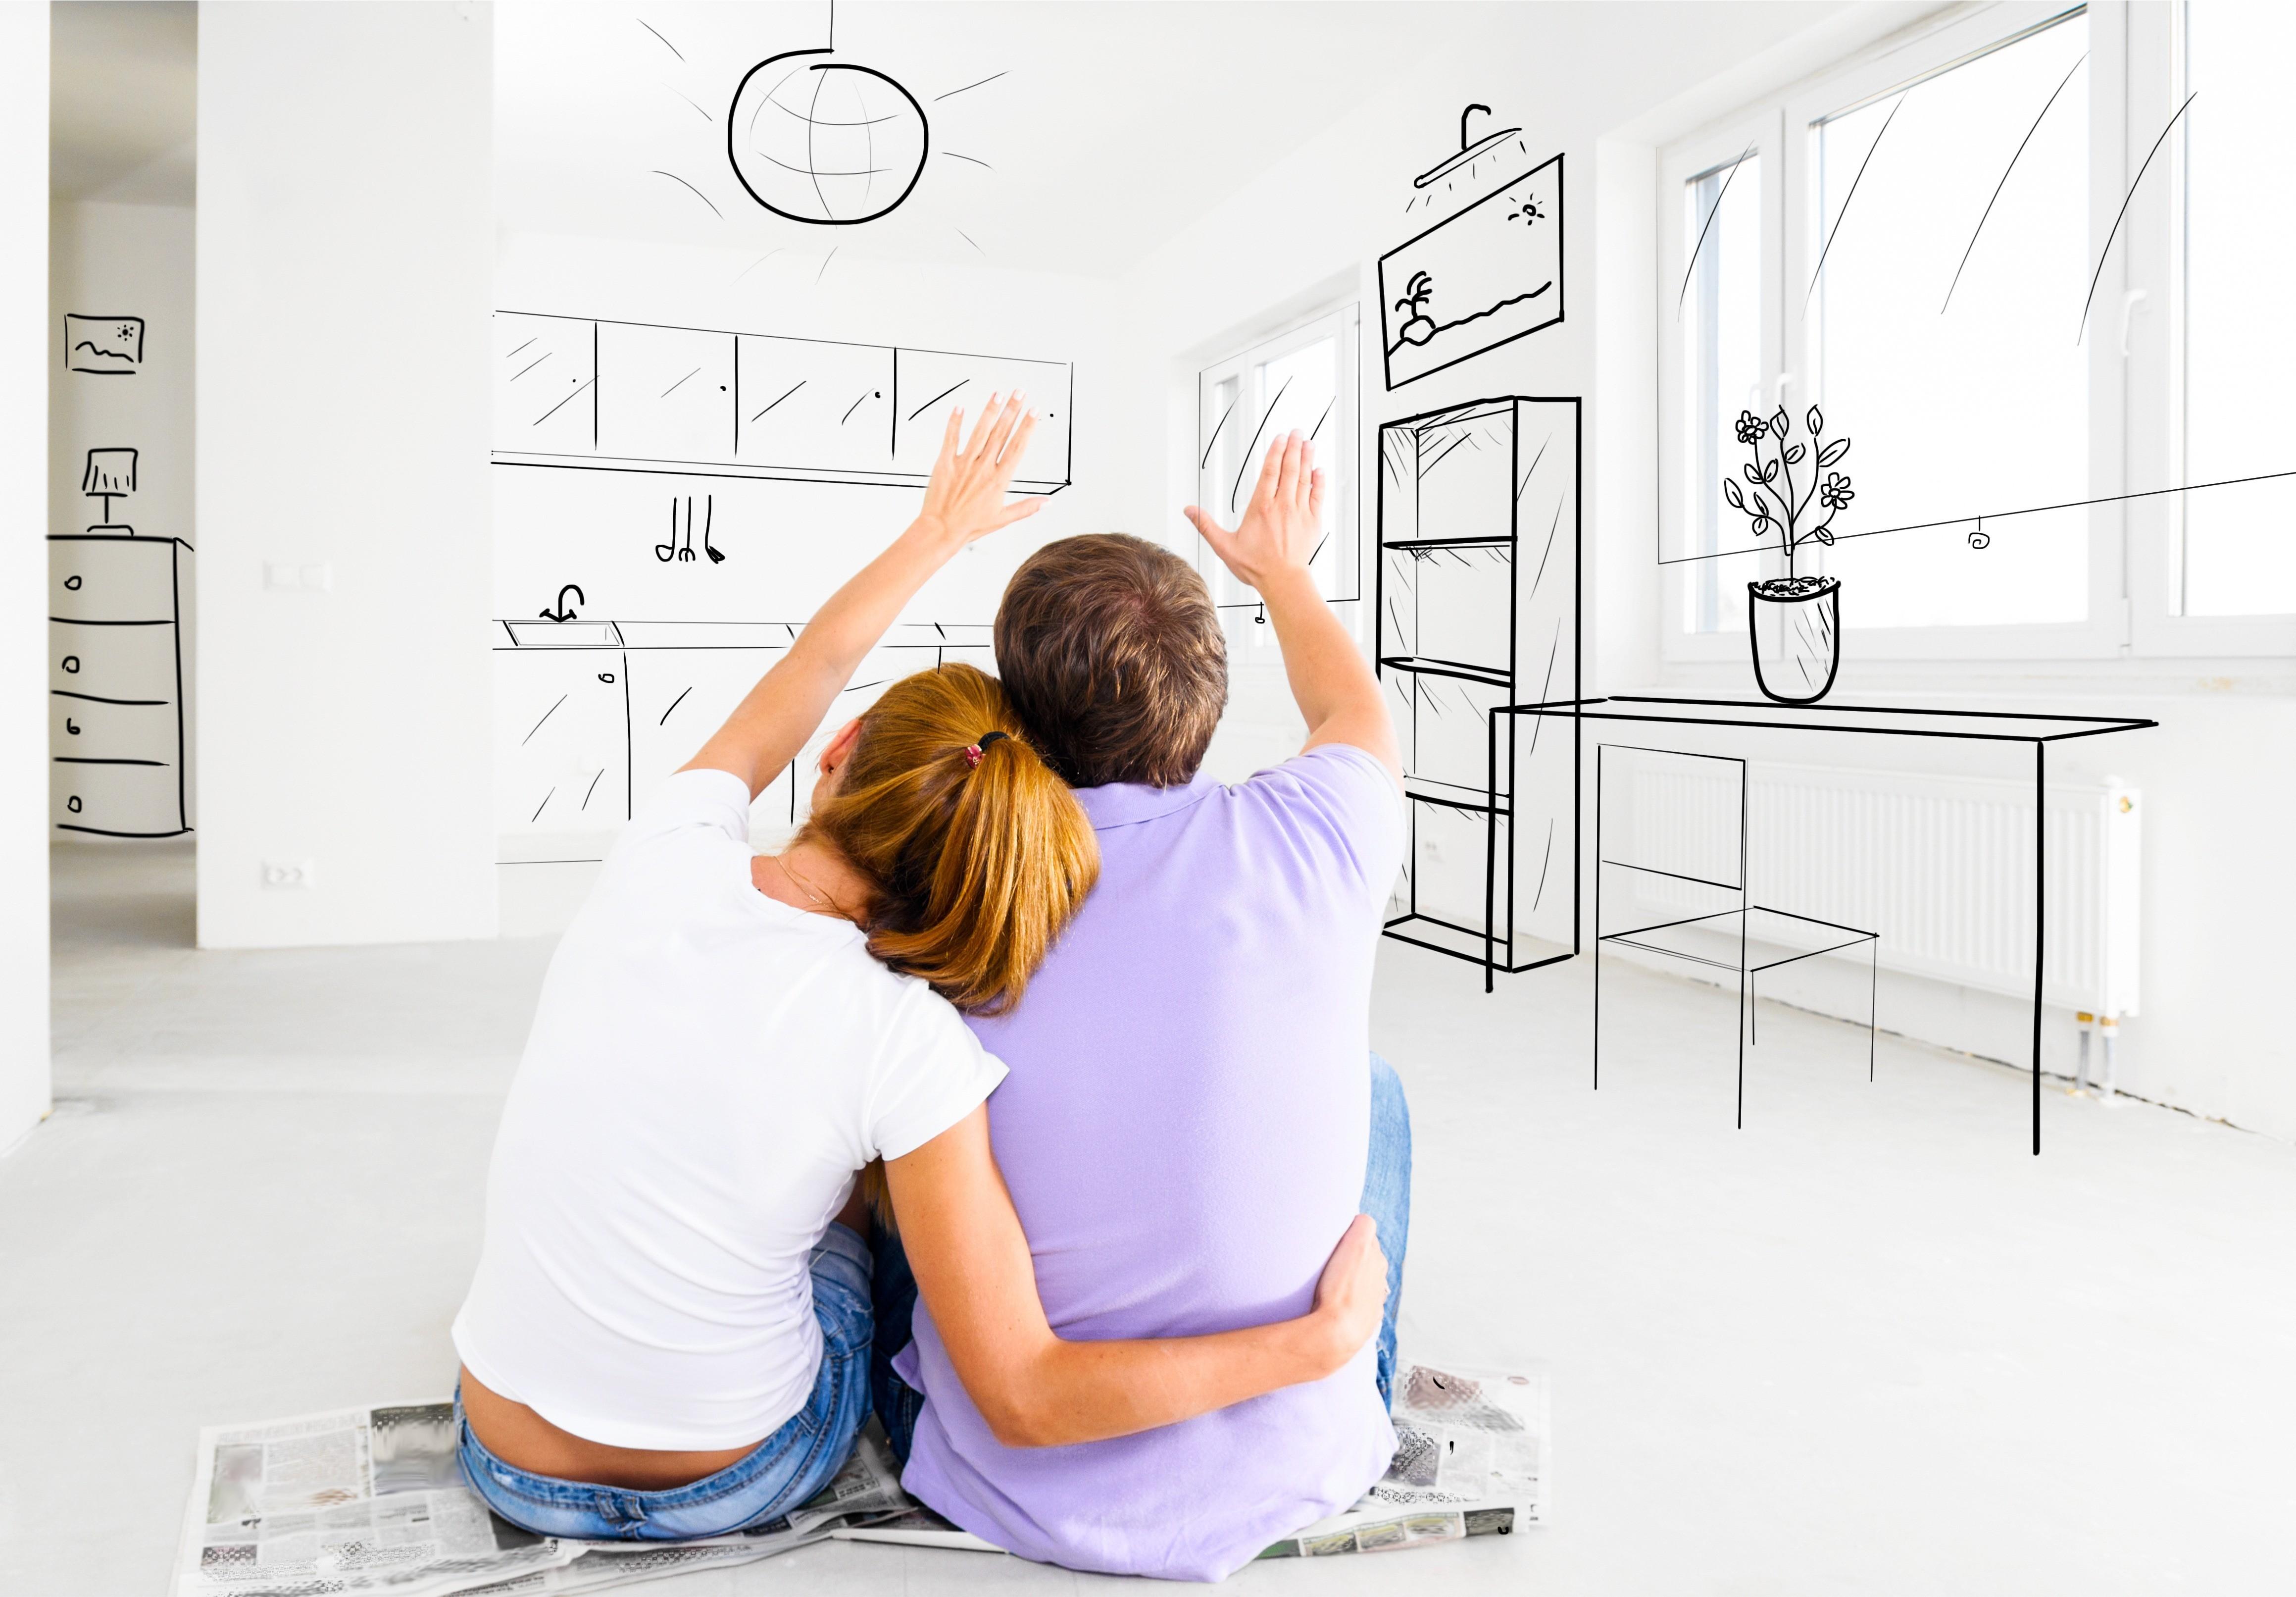 devis-assurance-emprunteur